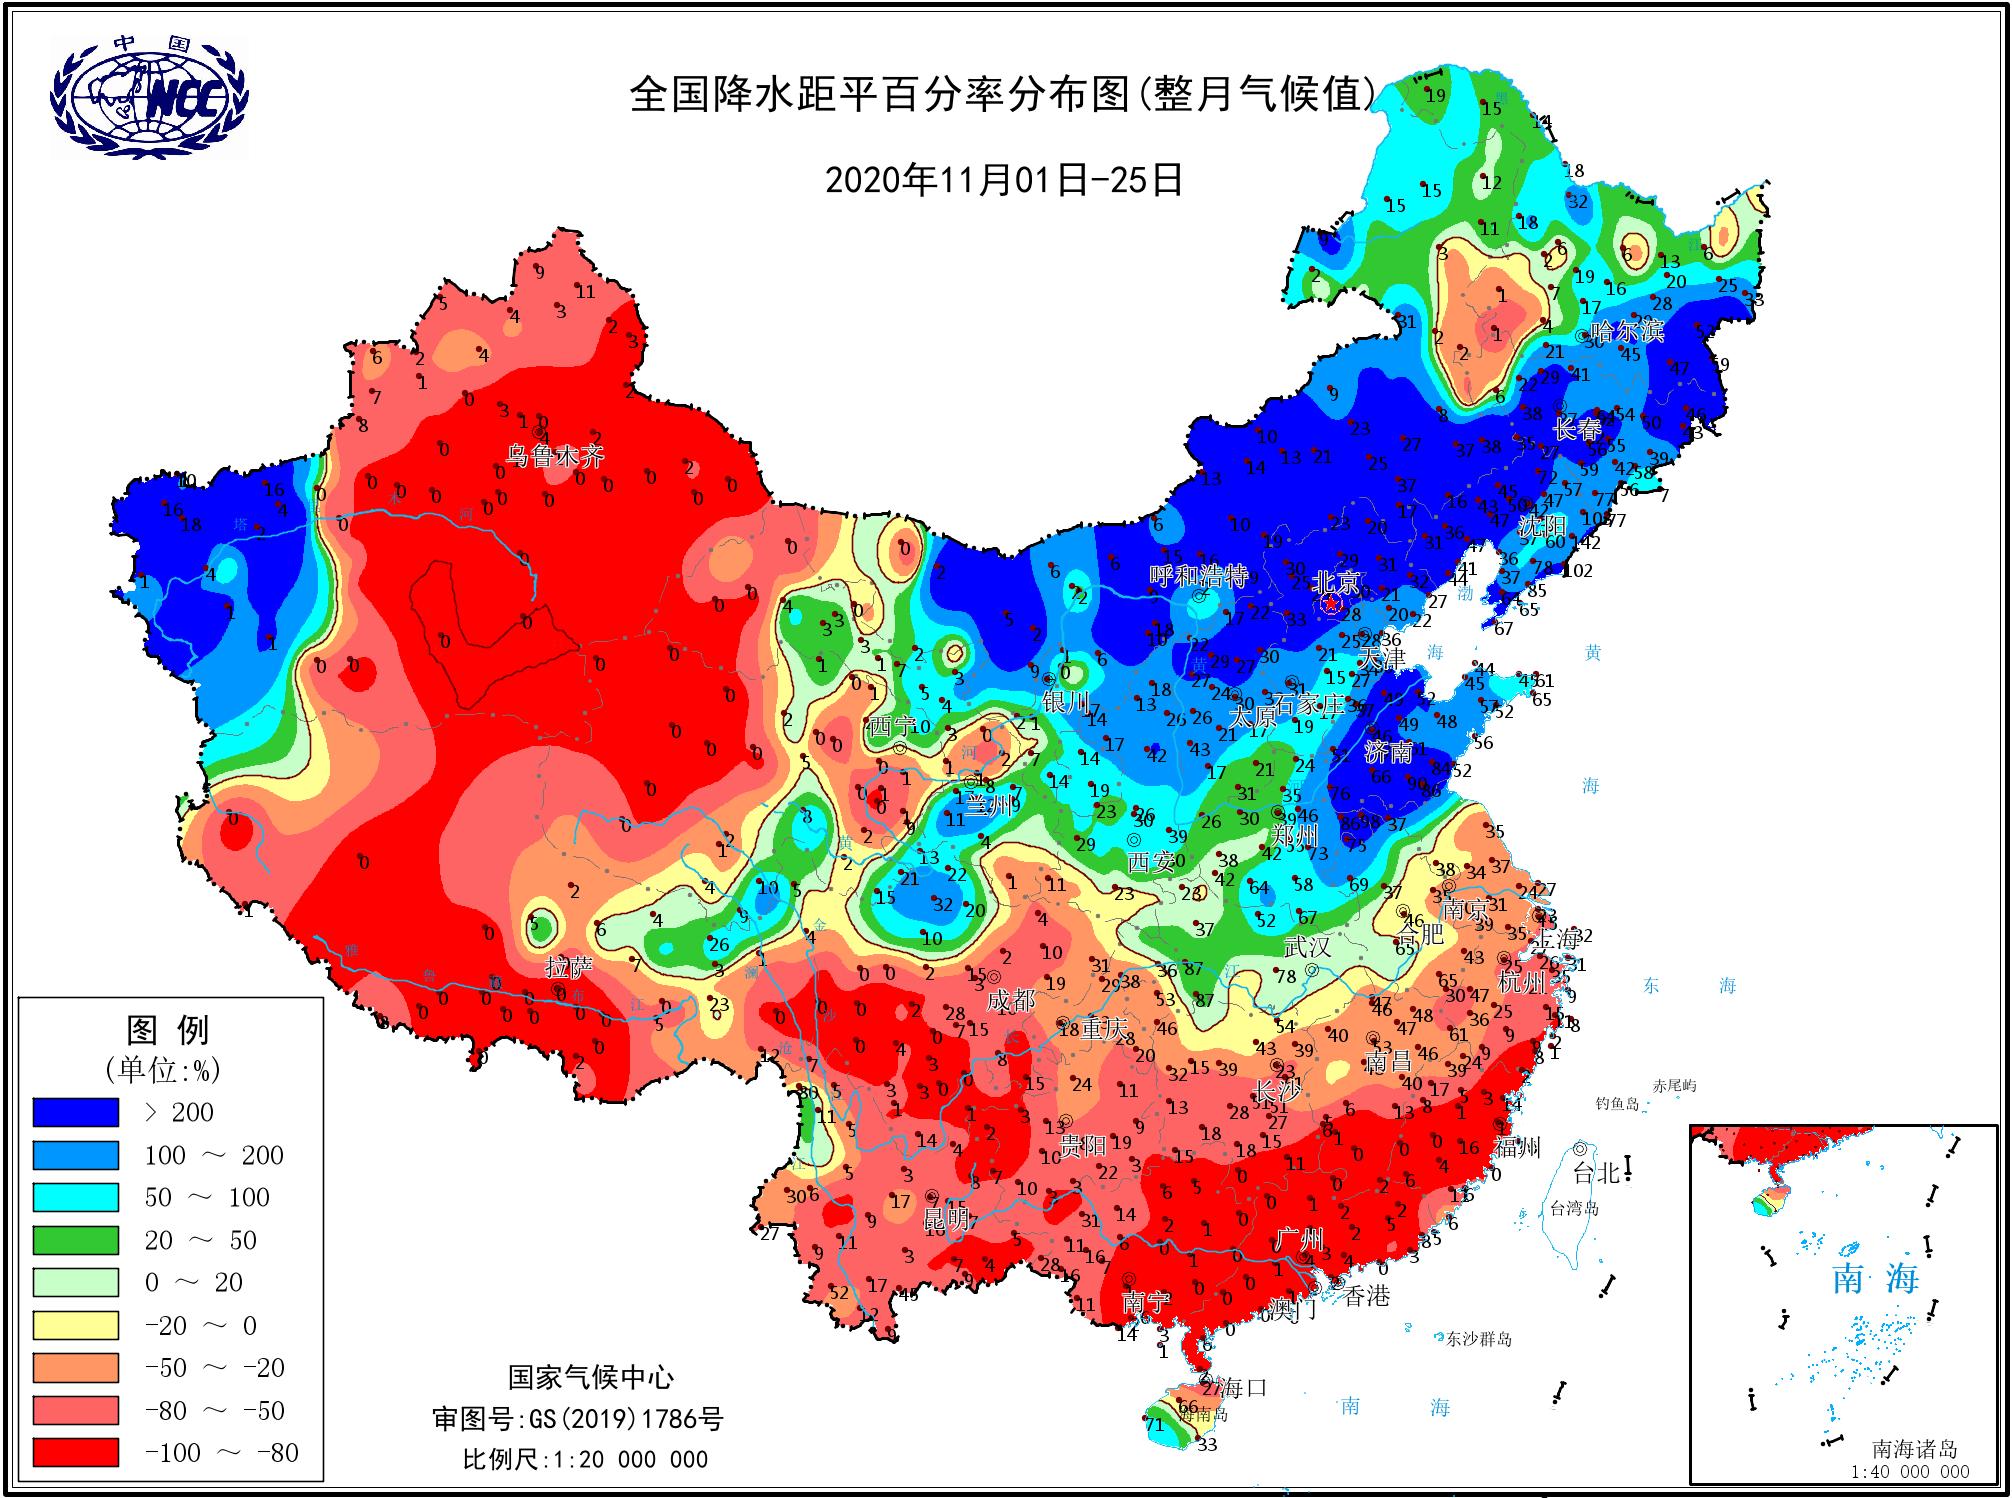 旱涝不均:武汉雨量将超2000毫米,或破纪录!福建:分点给我们